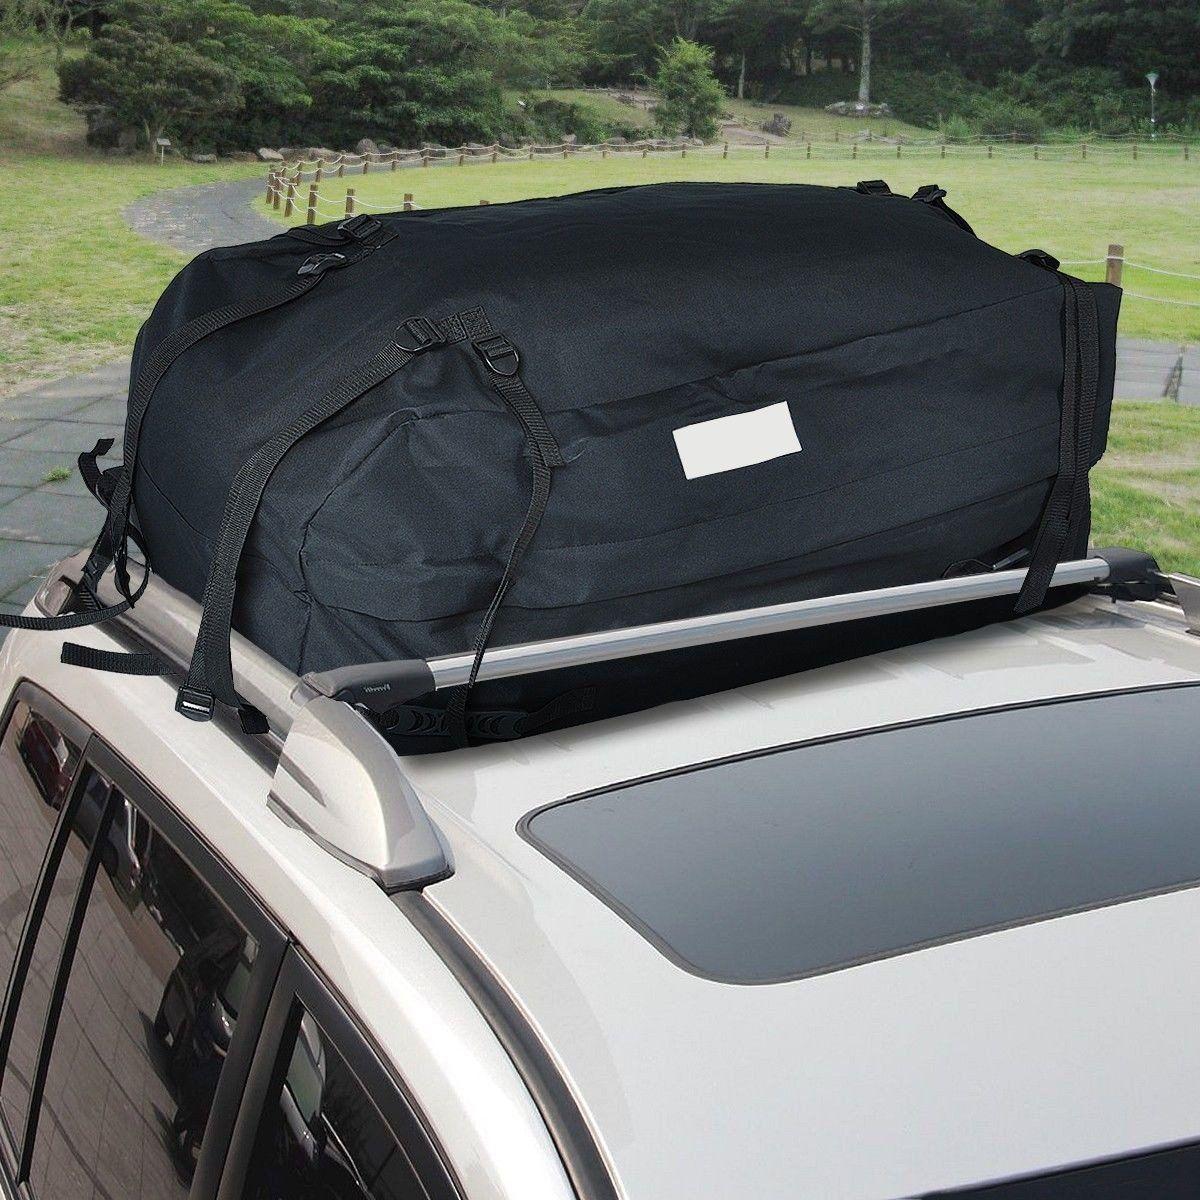 Dreamhank Black Car Van Suv Roof Top Waterproof Luggage